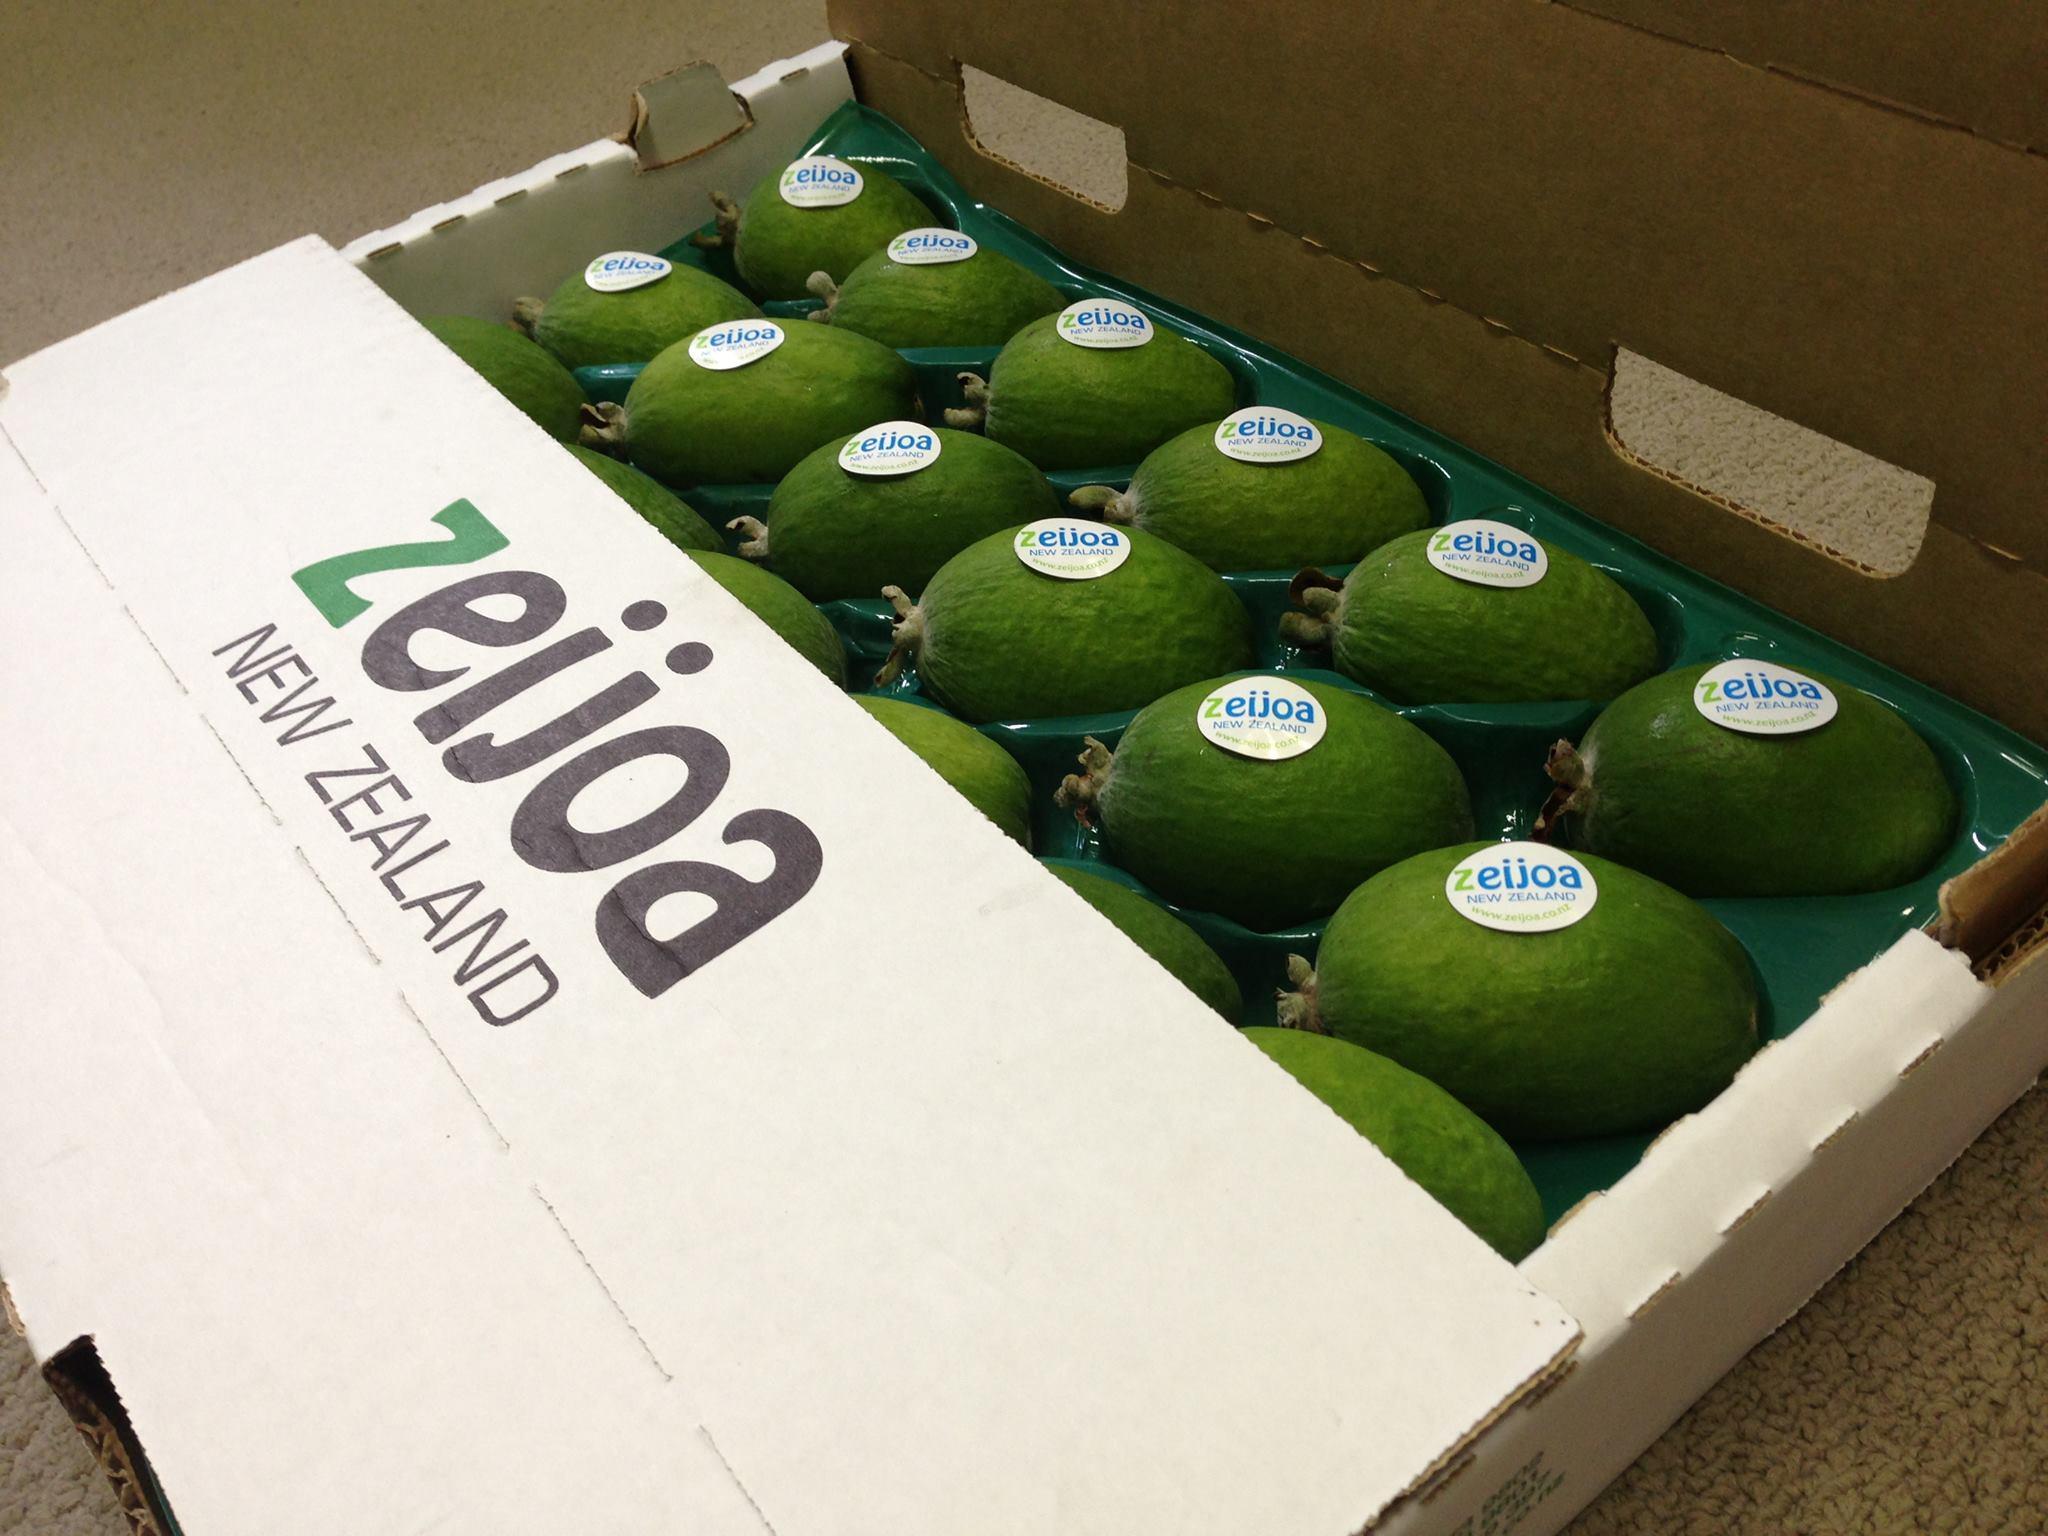 Zeijoa   New Zealand's premier, grower owned feijoa brand.   Looking for partners now